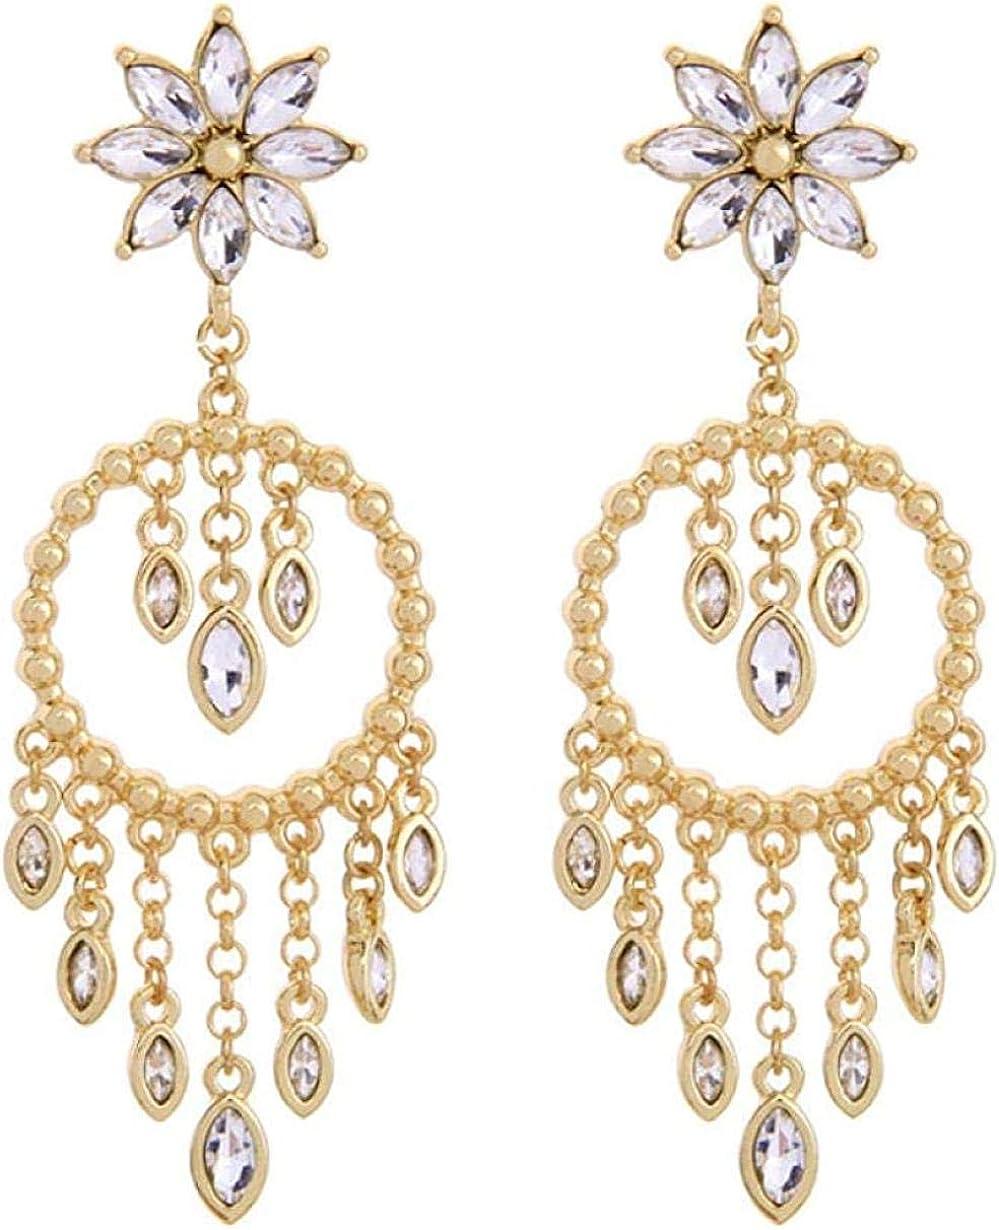 Pendientes baratos Pendientes Lady Gold Glass Crystal Flower Pendientes Lámpara de araña de moda clásica Pendientes colgantes Joyas de lujo